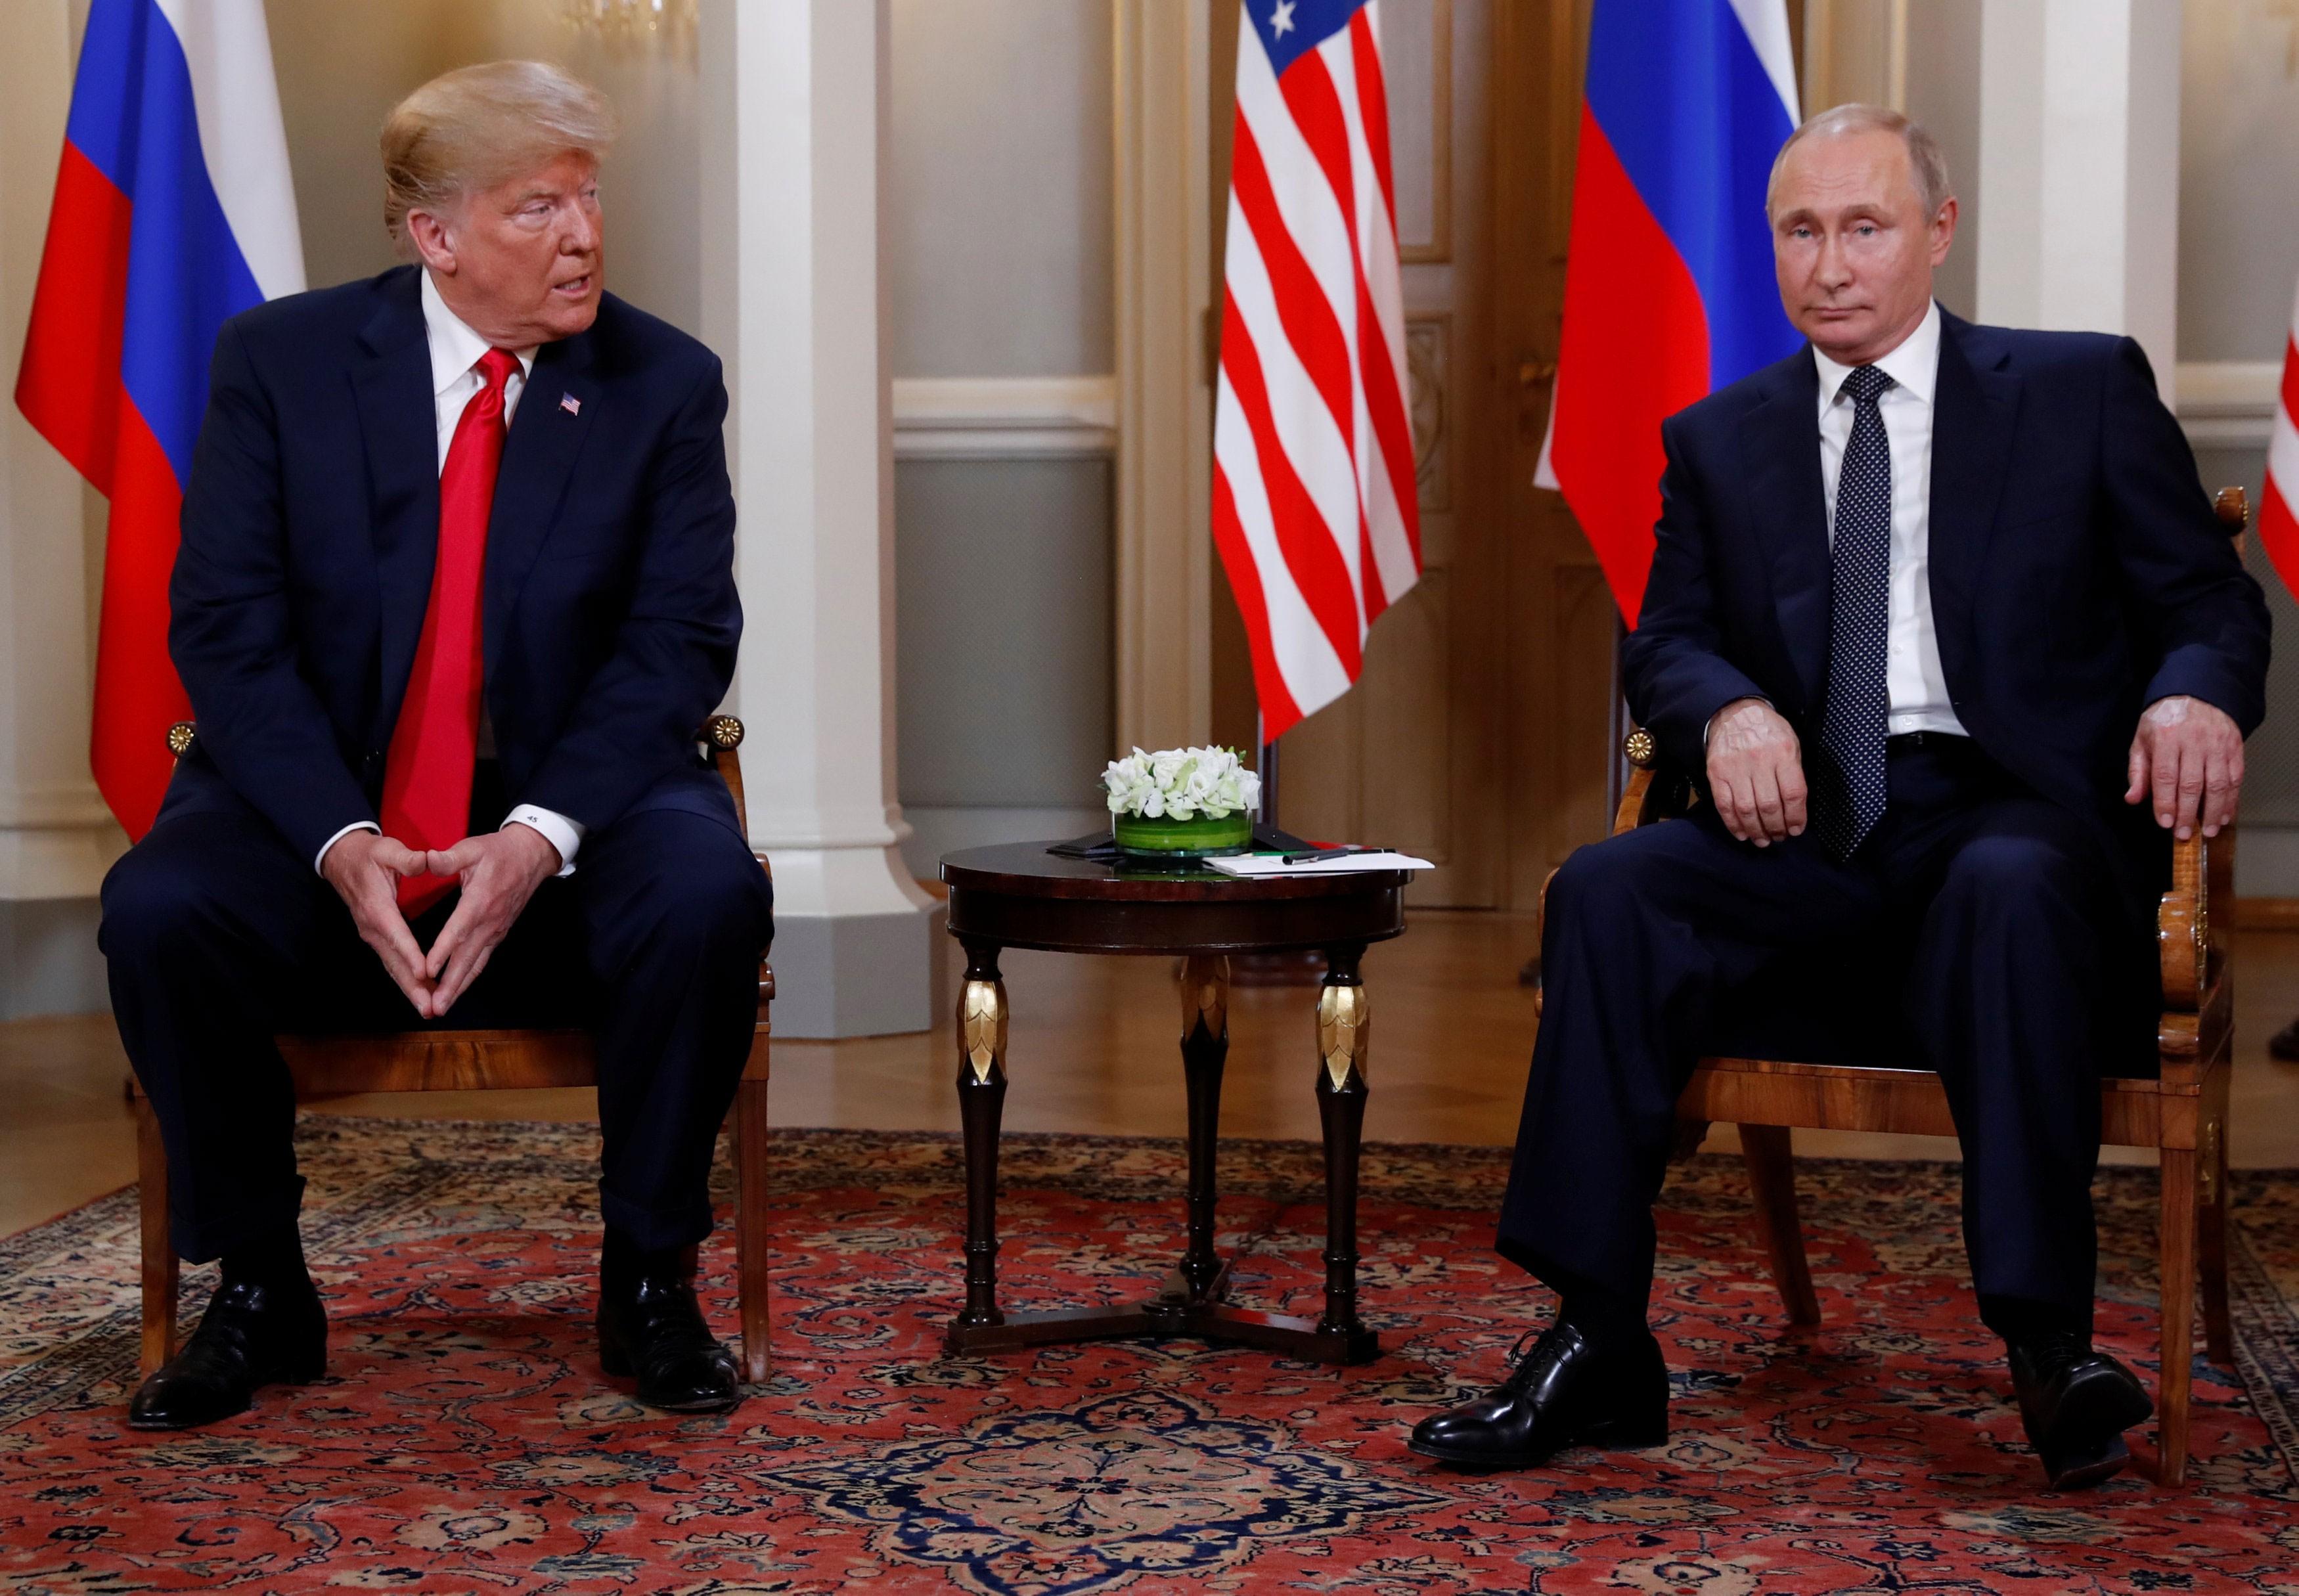 Cúpula Trump x Putin: o que é a 'finlandização' e como ela explica a escolha do local do encontro